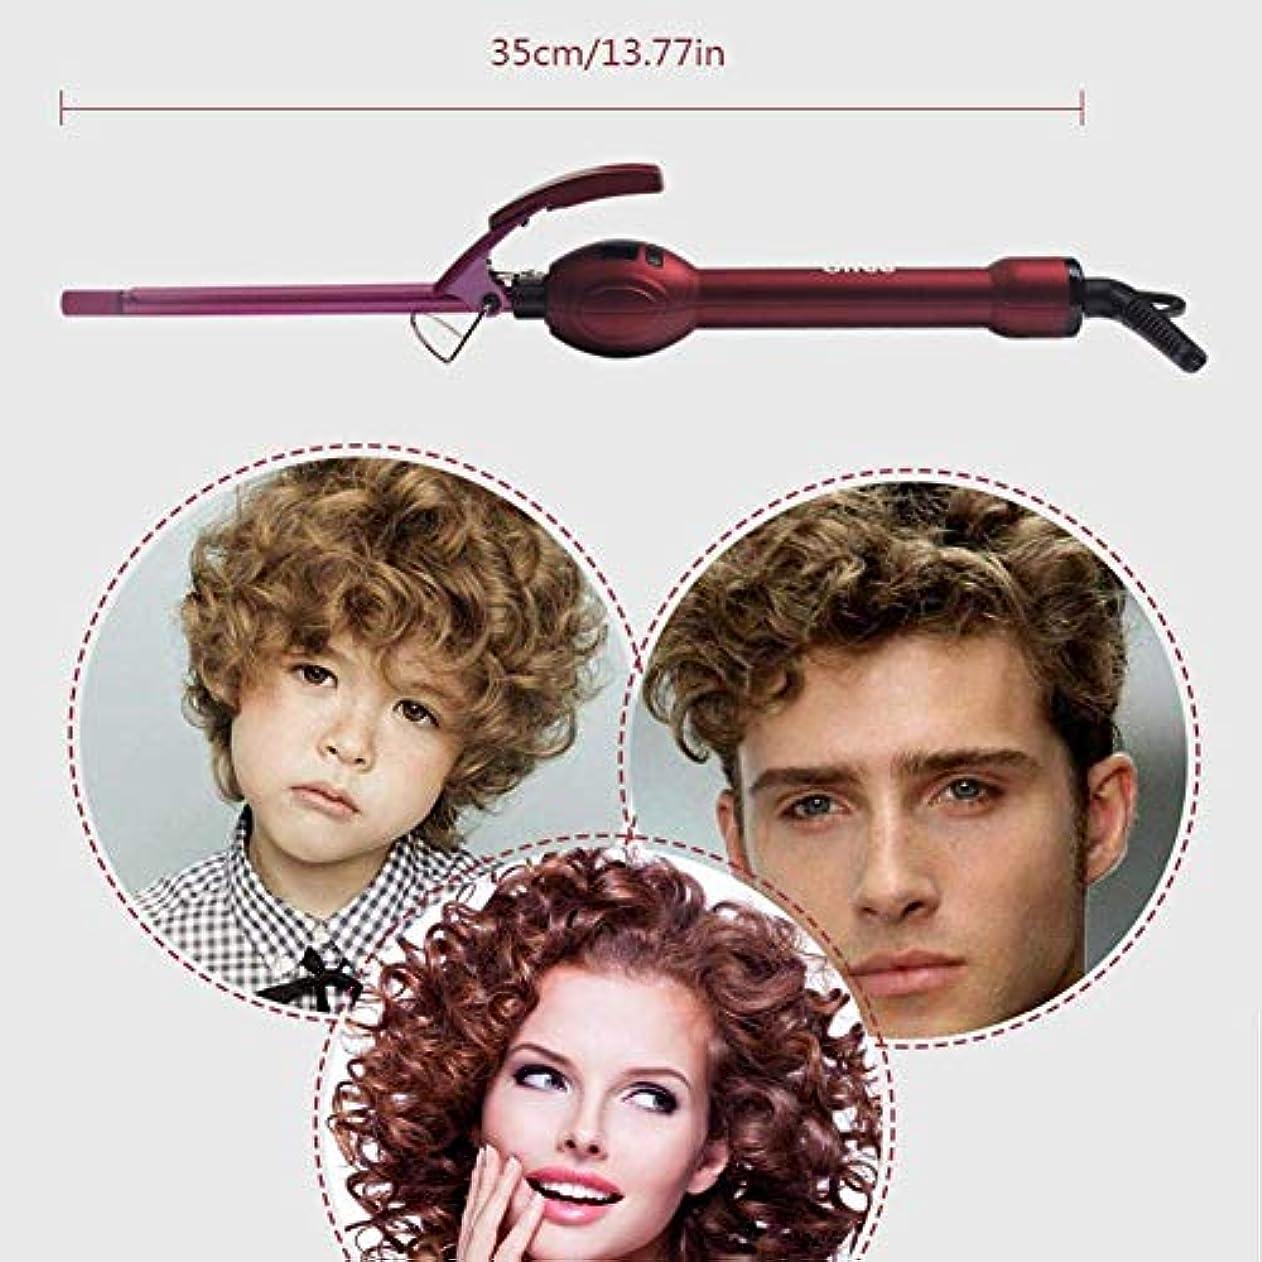 褐色申し込むロッカー男性と女性のための電気ヘアスティックカーリーヘアカーラー櫛男のスタイルマジックマッサージくしデジタル極細カーラー髪柔軟なモデリングナチュラルサイドヘア曲げ